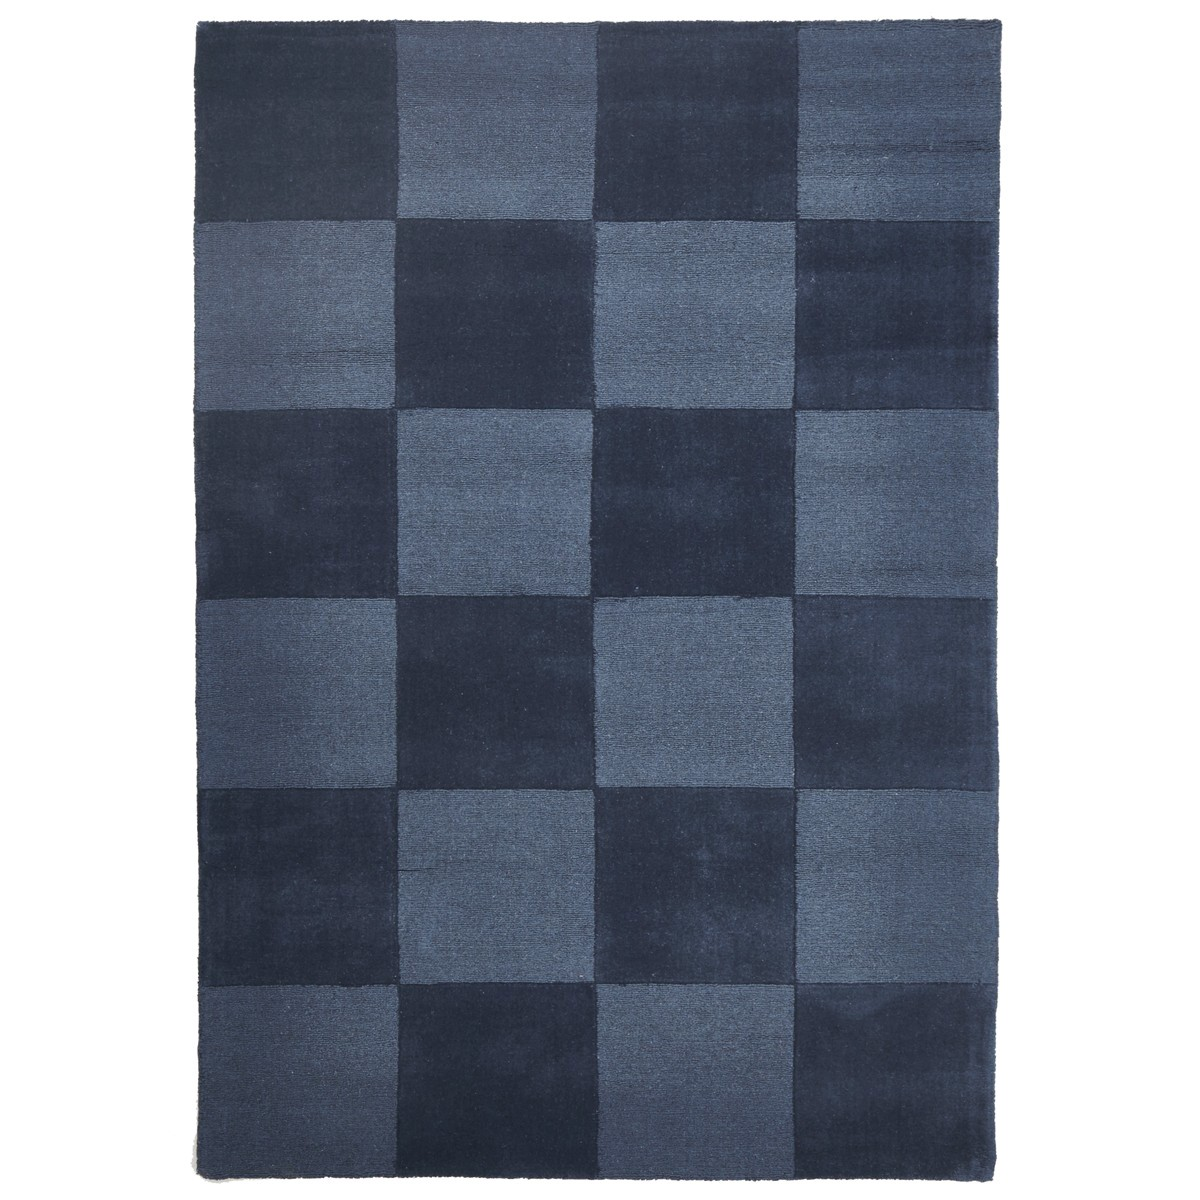 Evangeline Hand Loomed Modern Wool Rug, 165x115cm, Blue